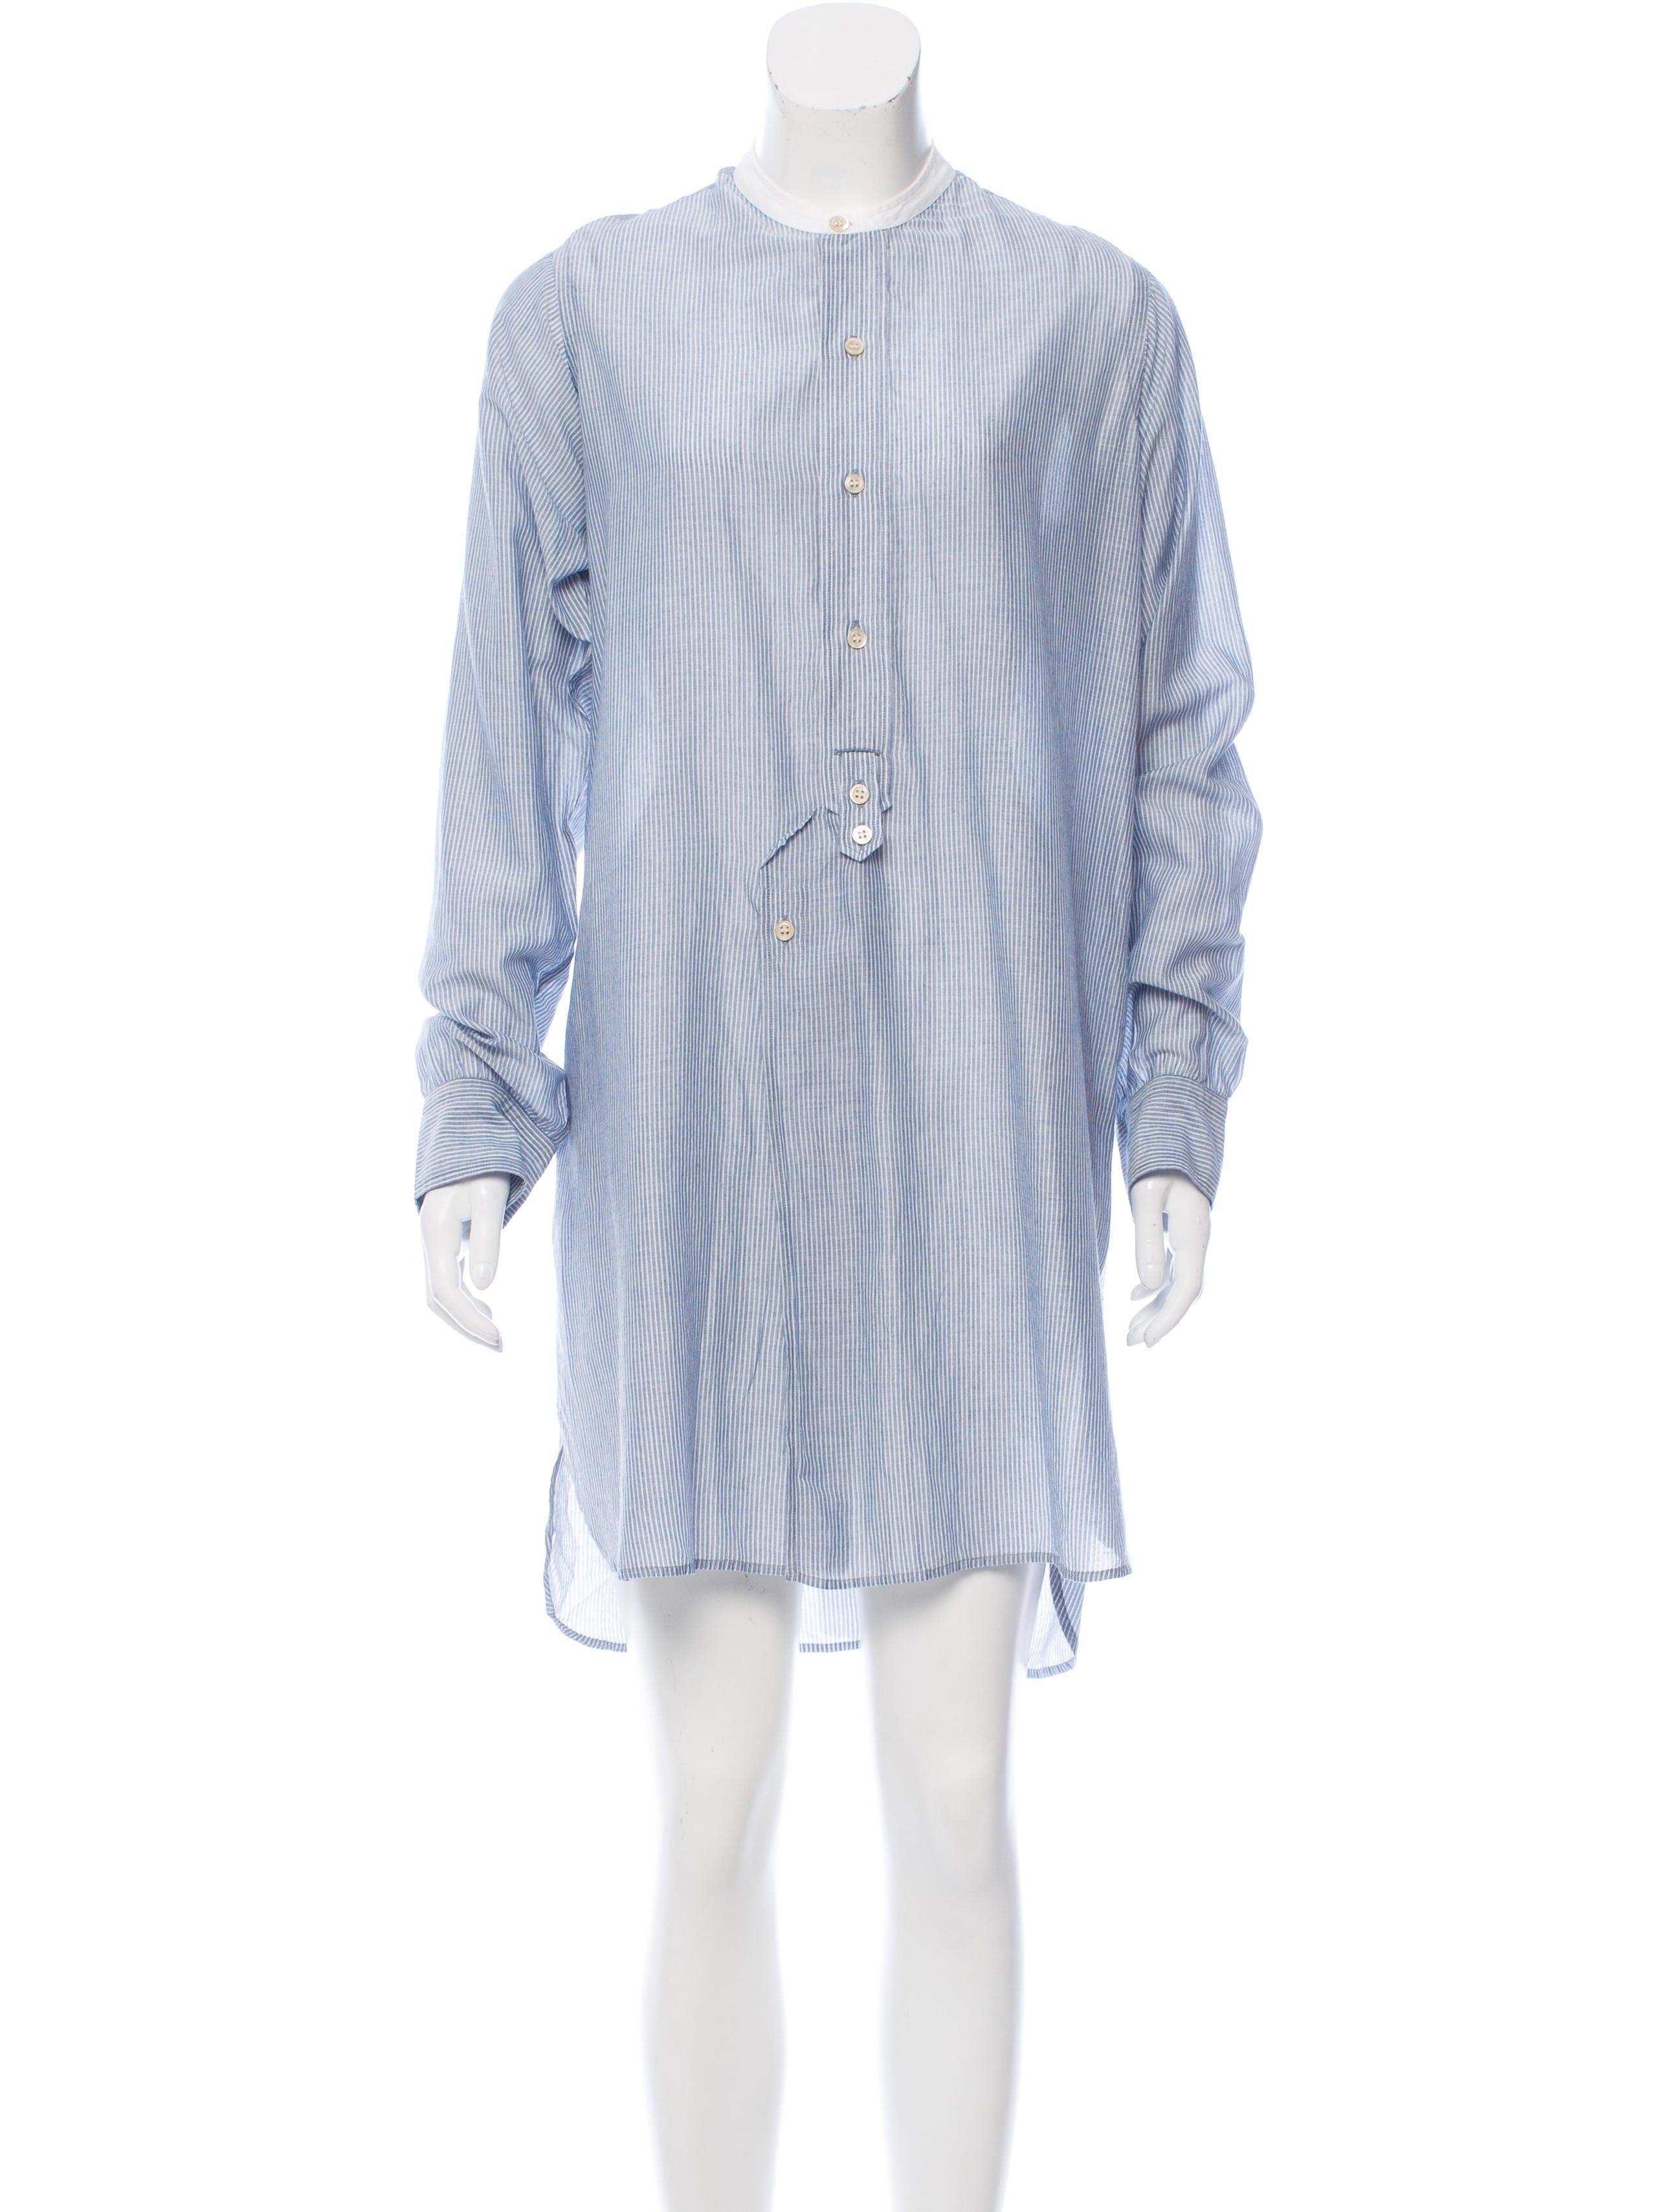 Isabel marant striped mini dress clothing isa41540 for Isabel marant shirt dress